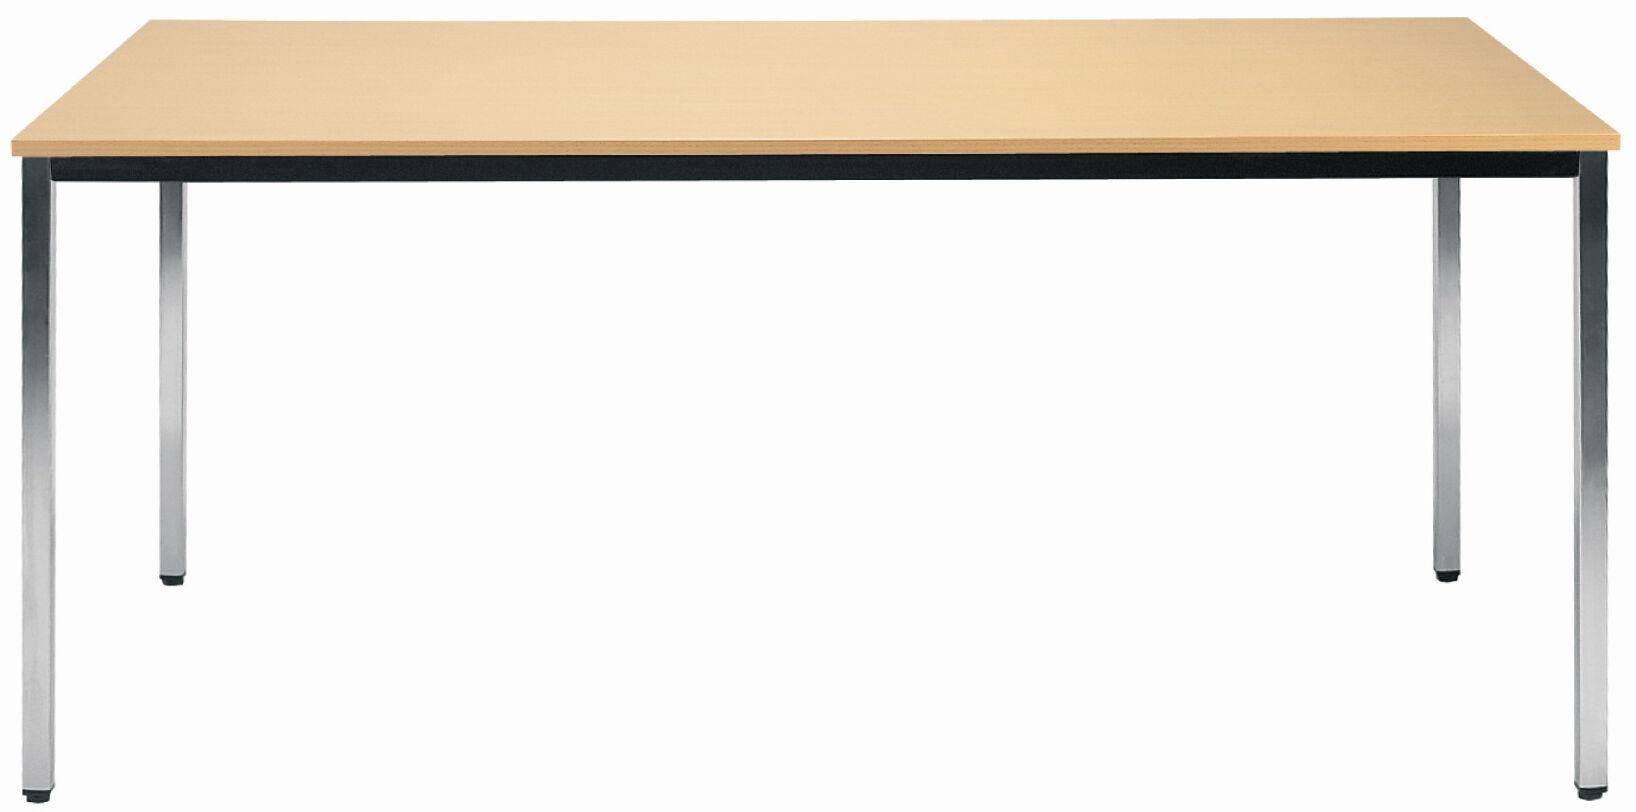 Stół Simple 1400x700 Nowy Styl